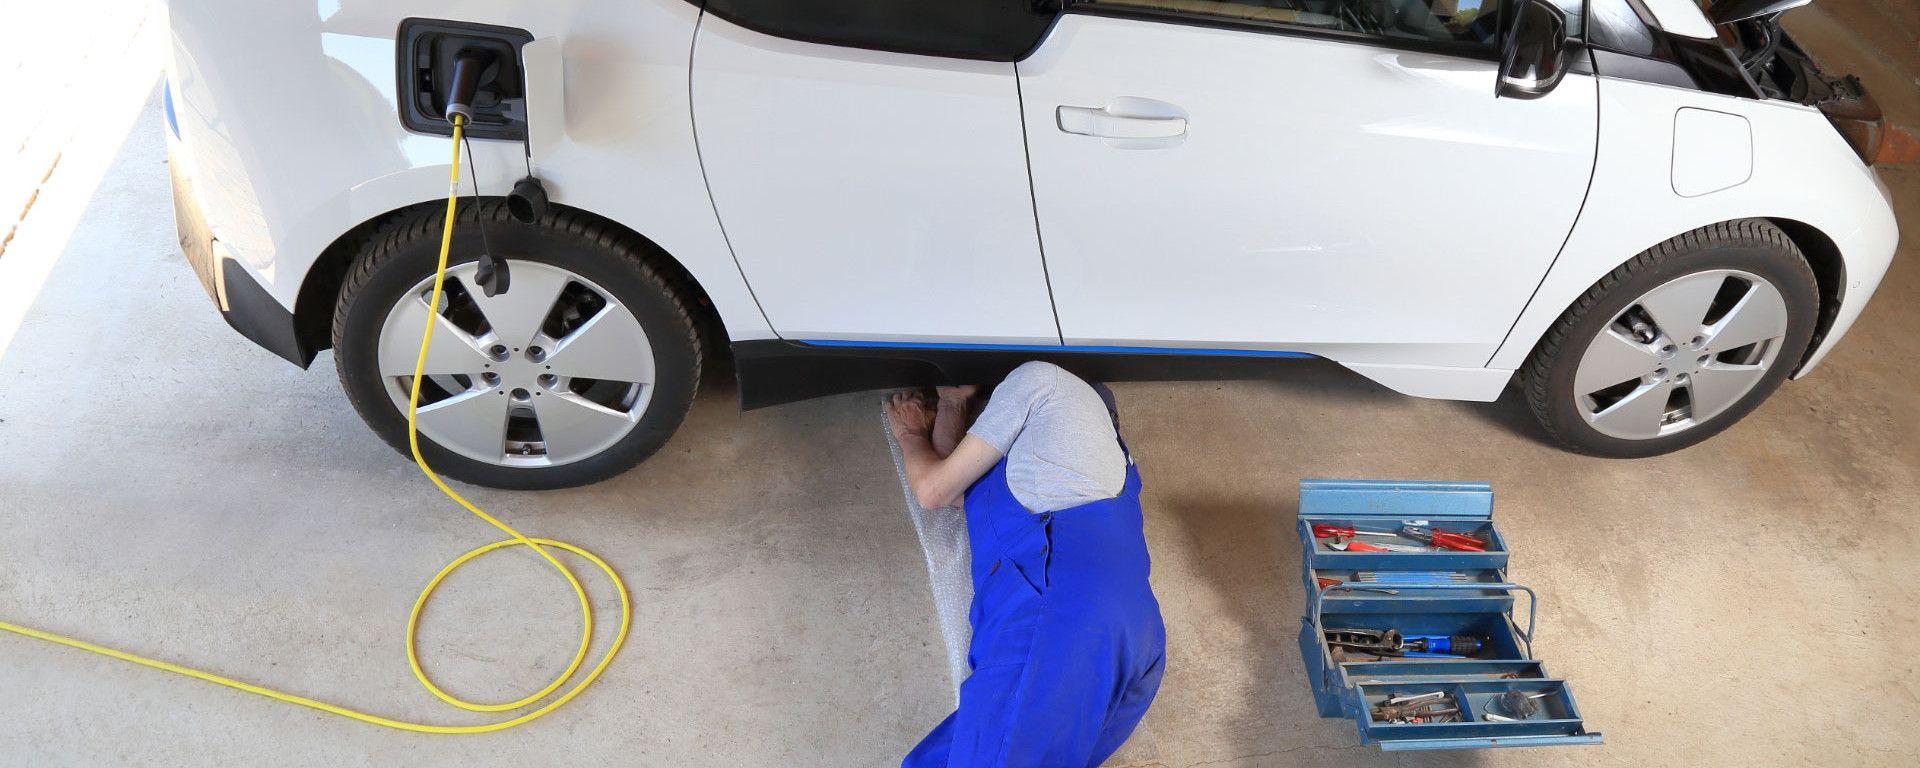 Manutenzione auto elettrica: cosa fare, quanto costa